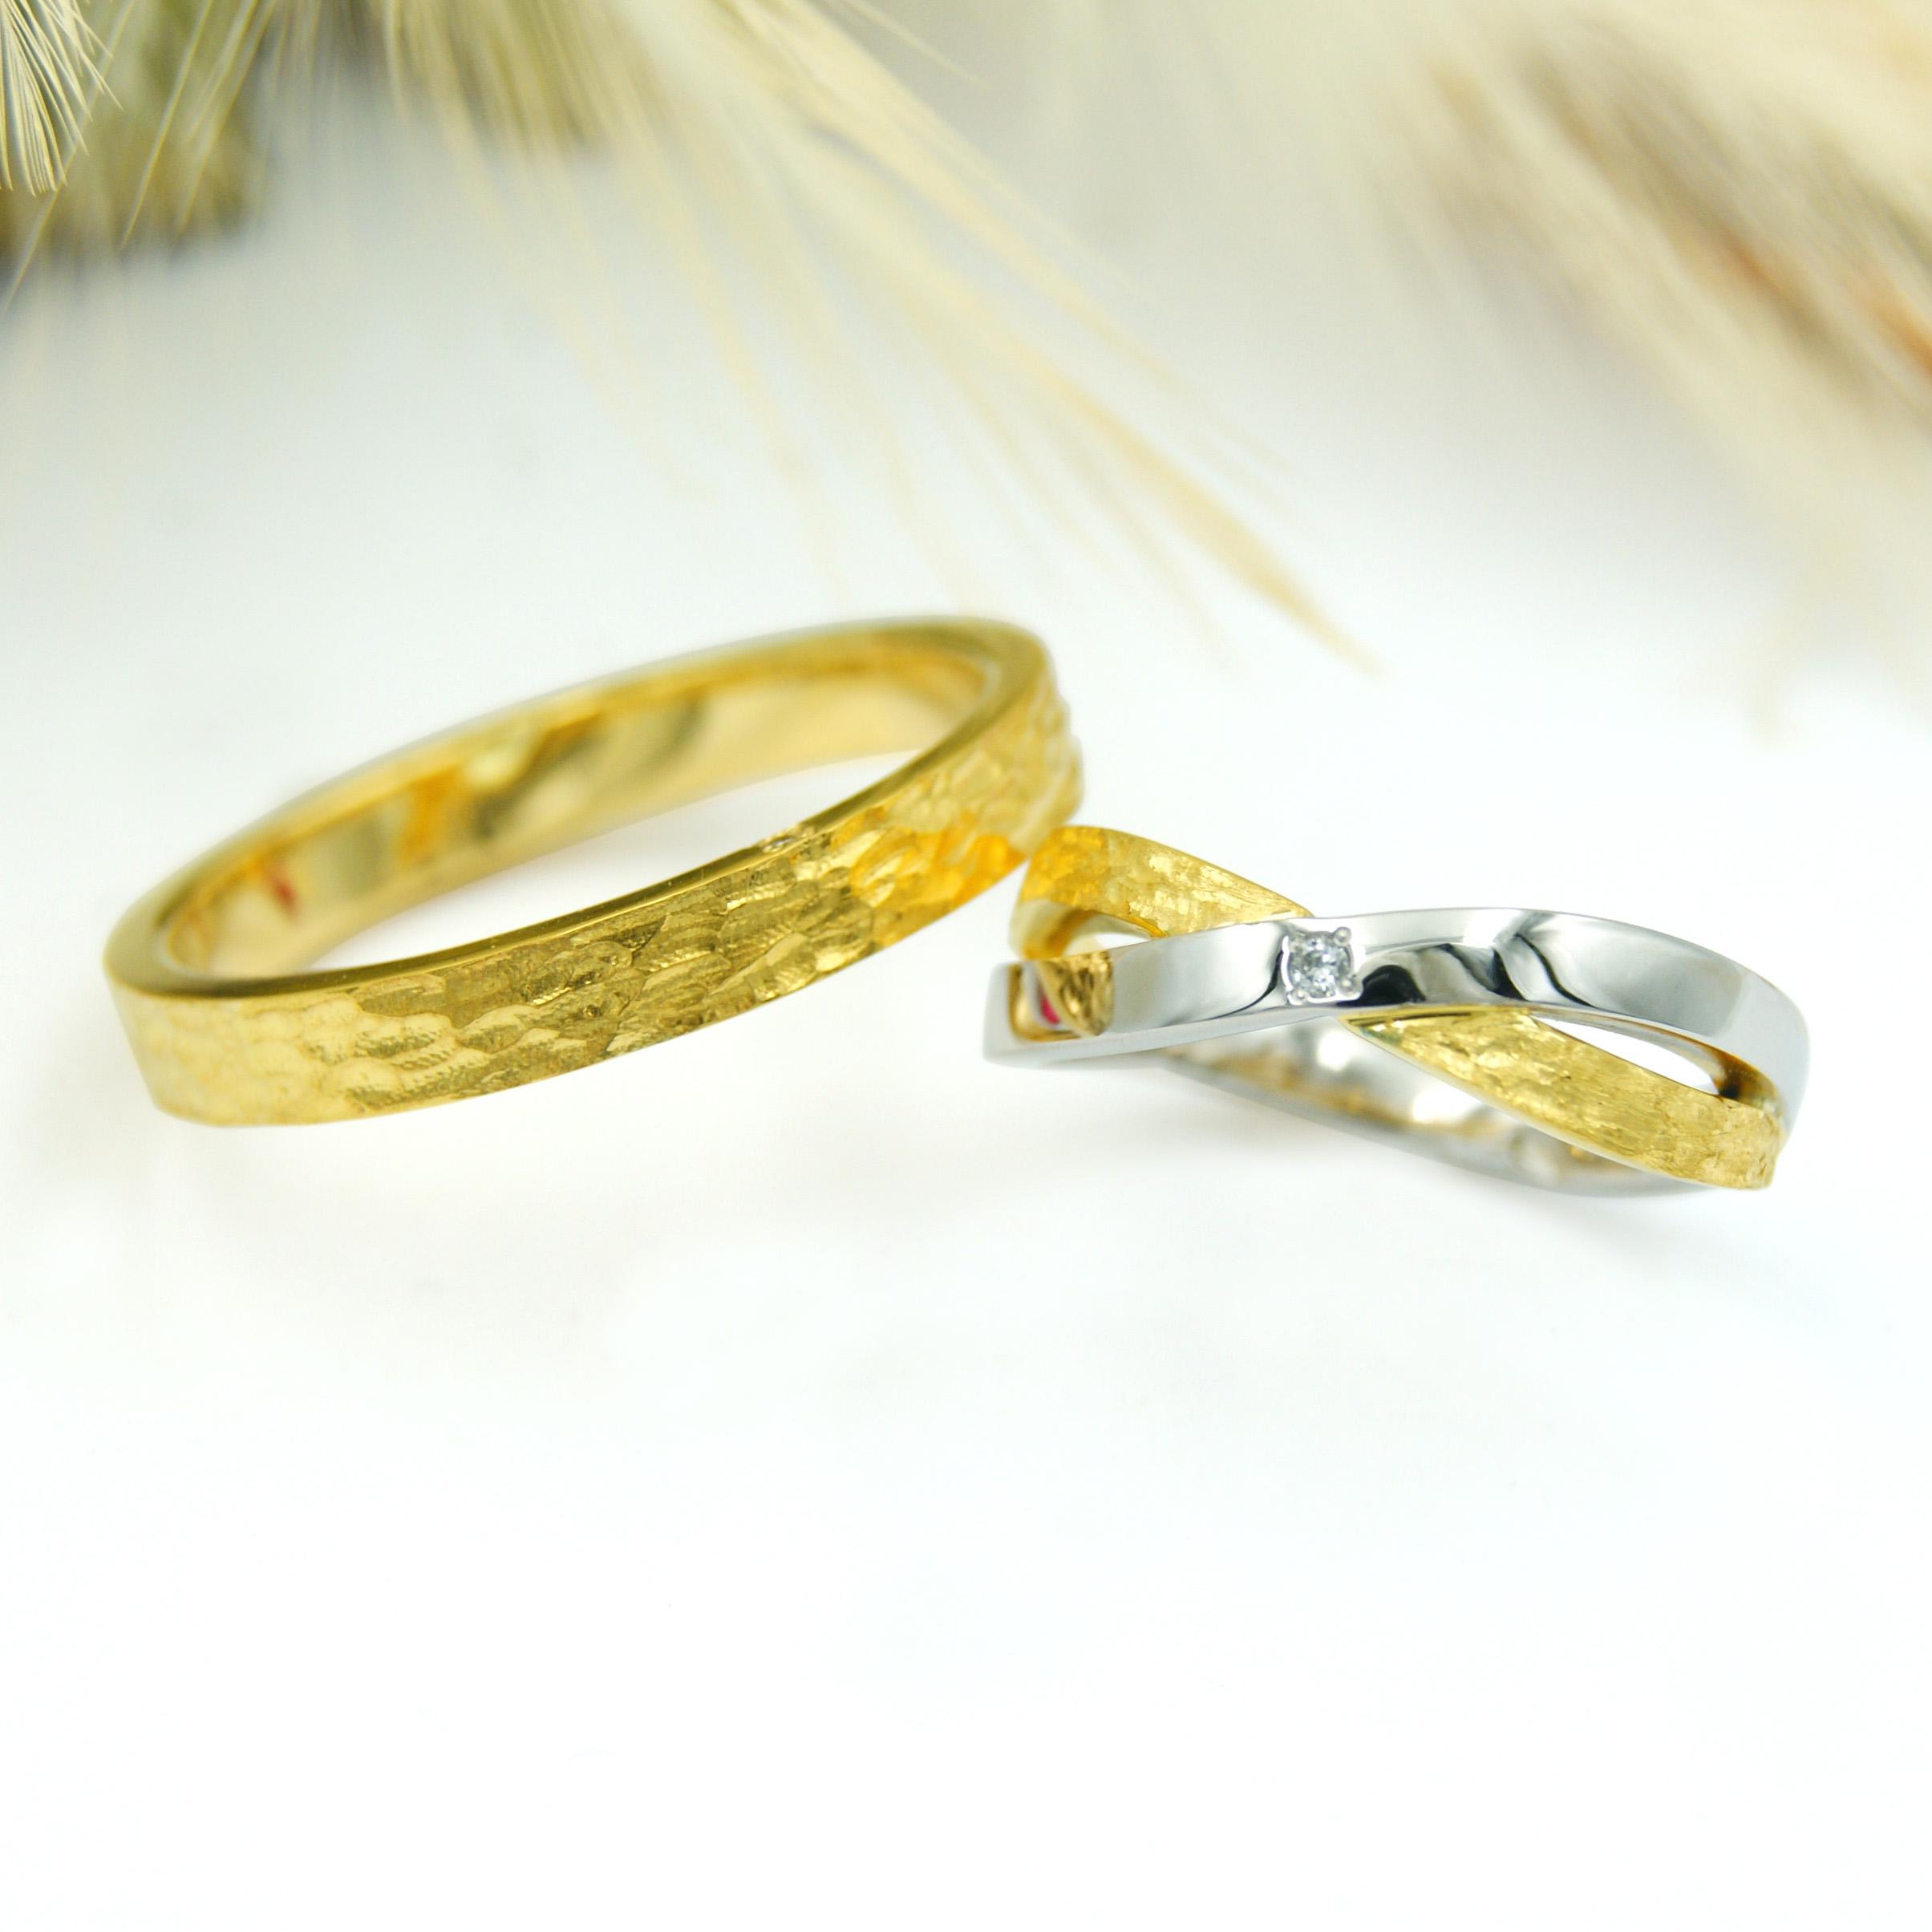 オーダーメイドの北欧風結婚指輪